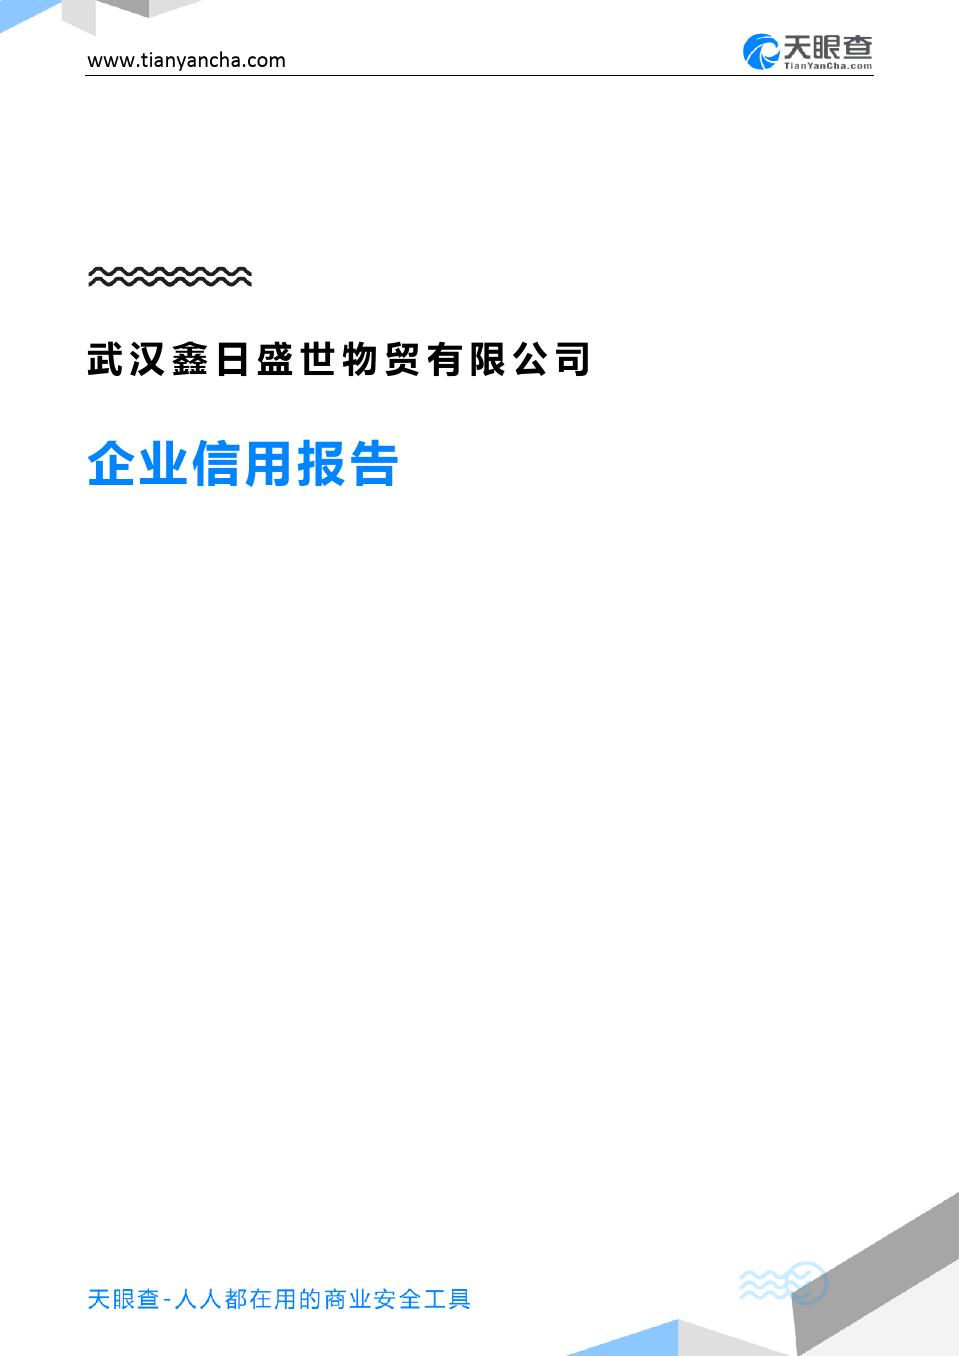 武汉鑫日盛世物贸有限公司(企业信用报告)- 天眼查